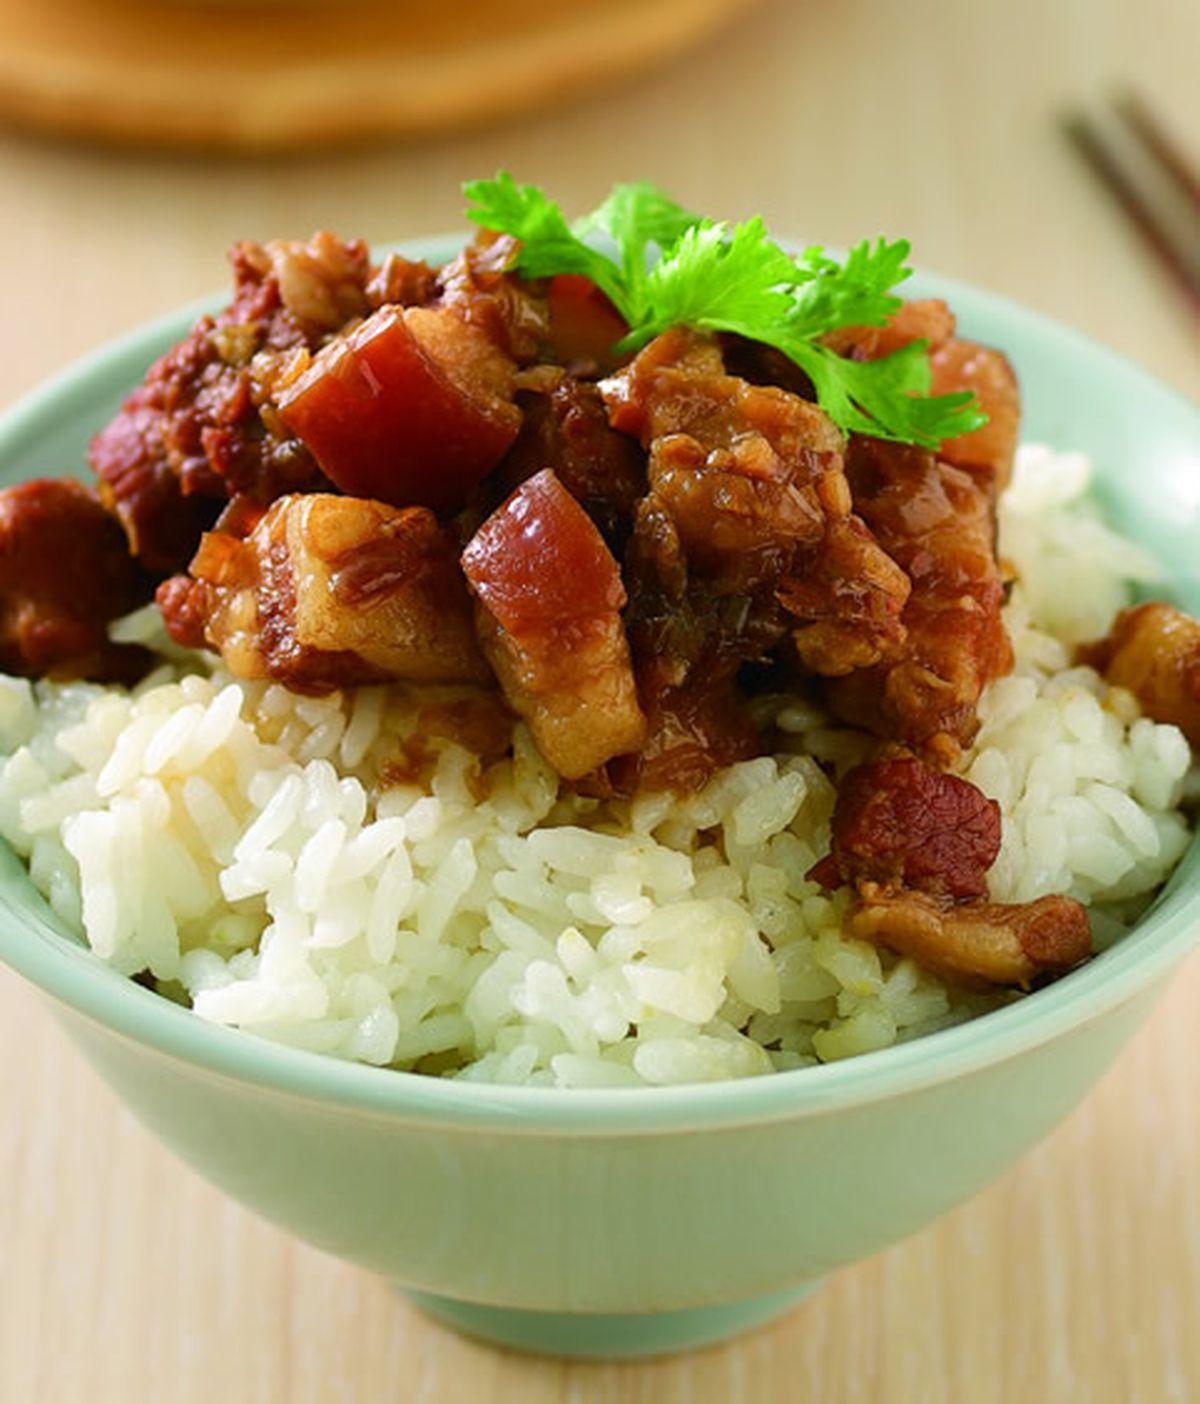 【食譜】傳統滷肉飯:www.ytower.com.tw